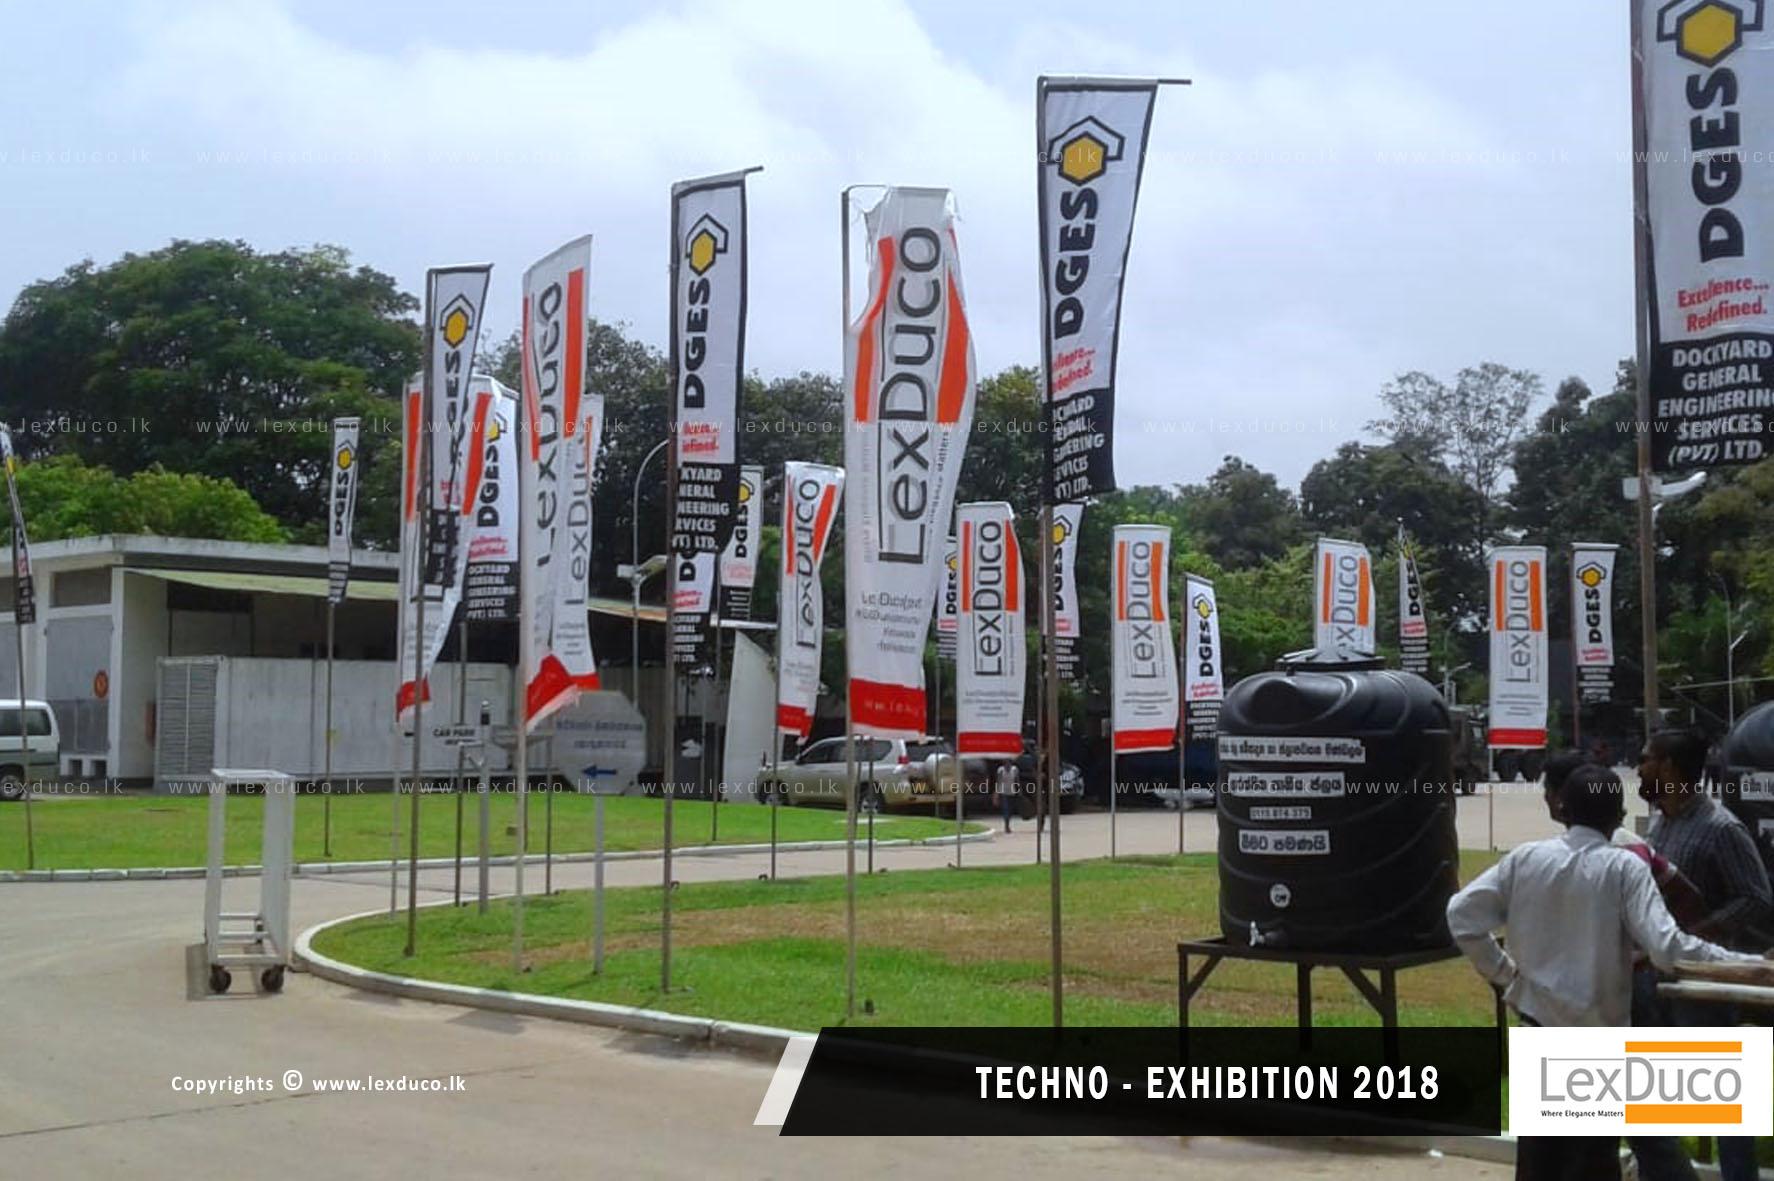 Techno Exhibition - 2018 | Lex Duco